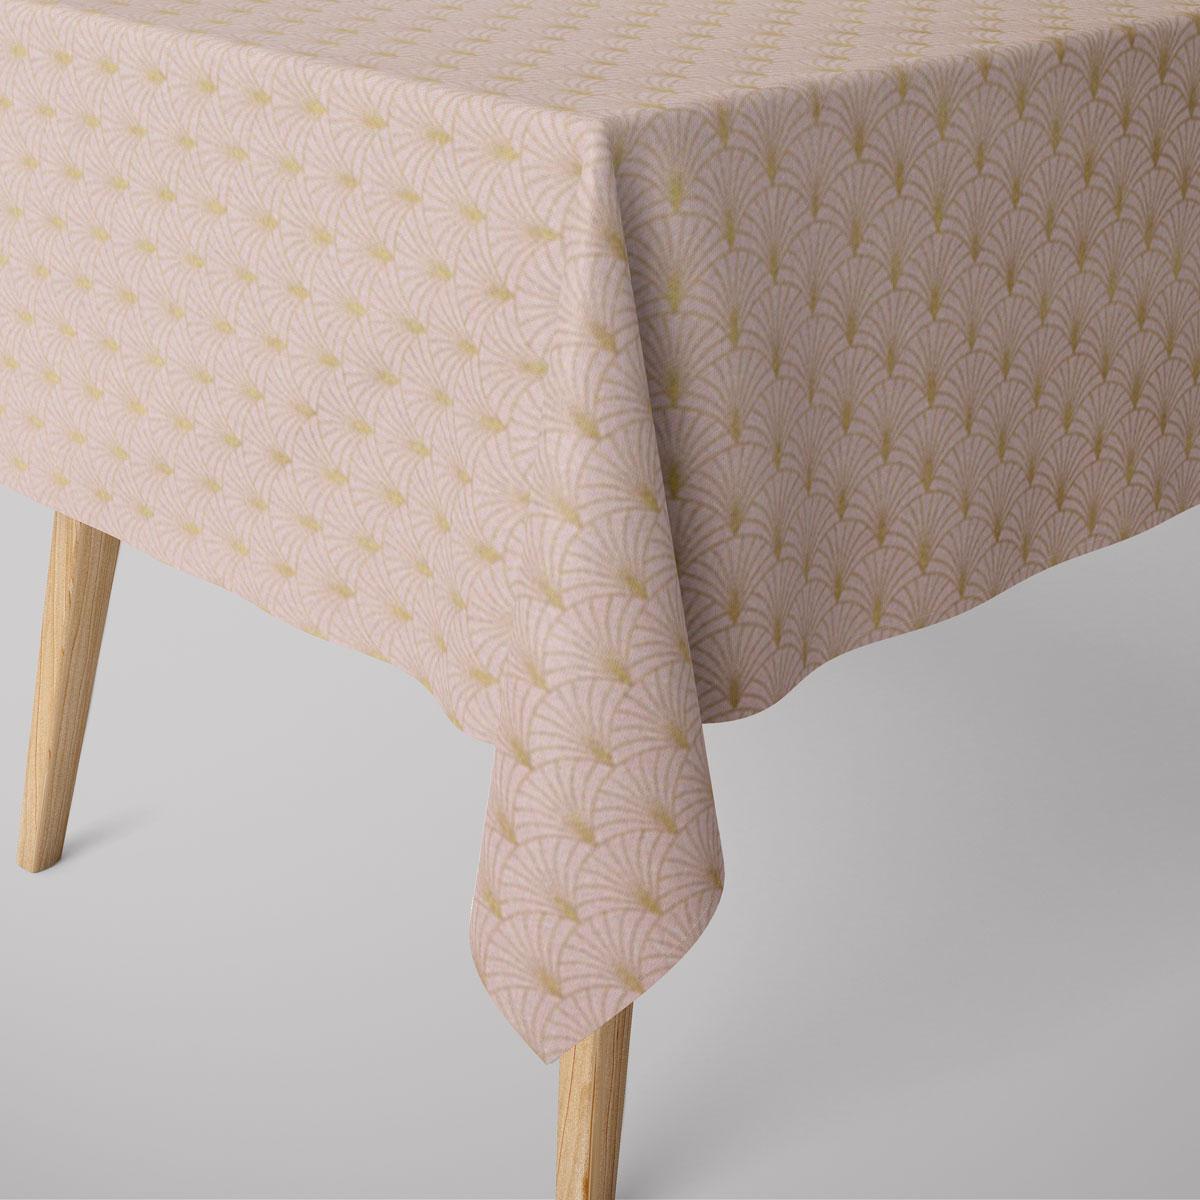 SCHÖNER LEBEN. Tischdecke Glamour Schuppen Fächer rosa goldfarbig verschiedene Größen